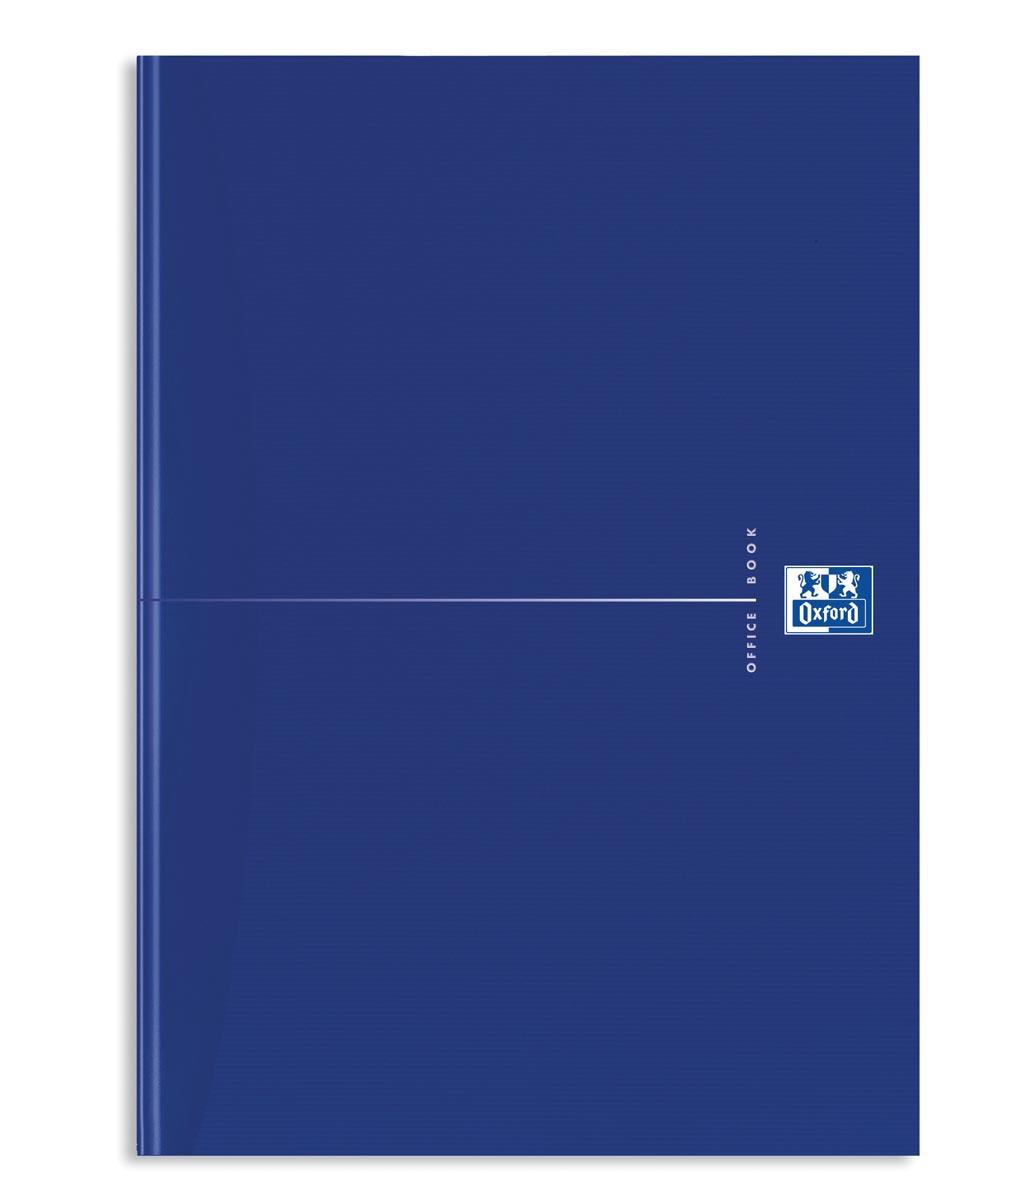 Oxford OFFICE Essentials gebonden boek, 192 bladzijden, gelijnd, ft A4, original blue